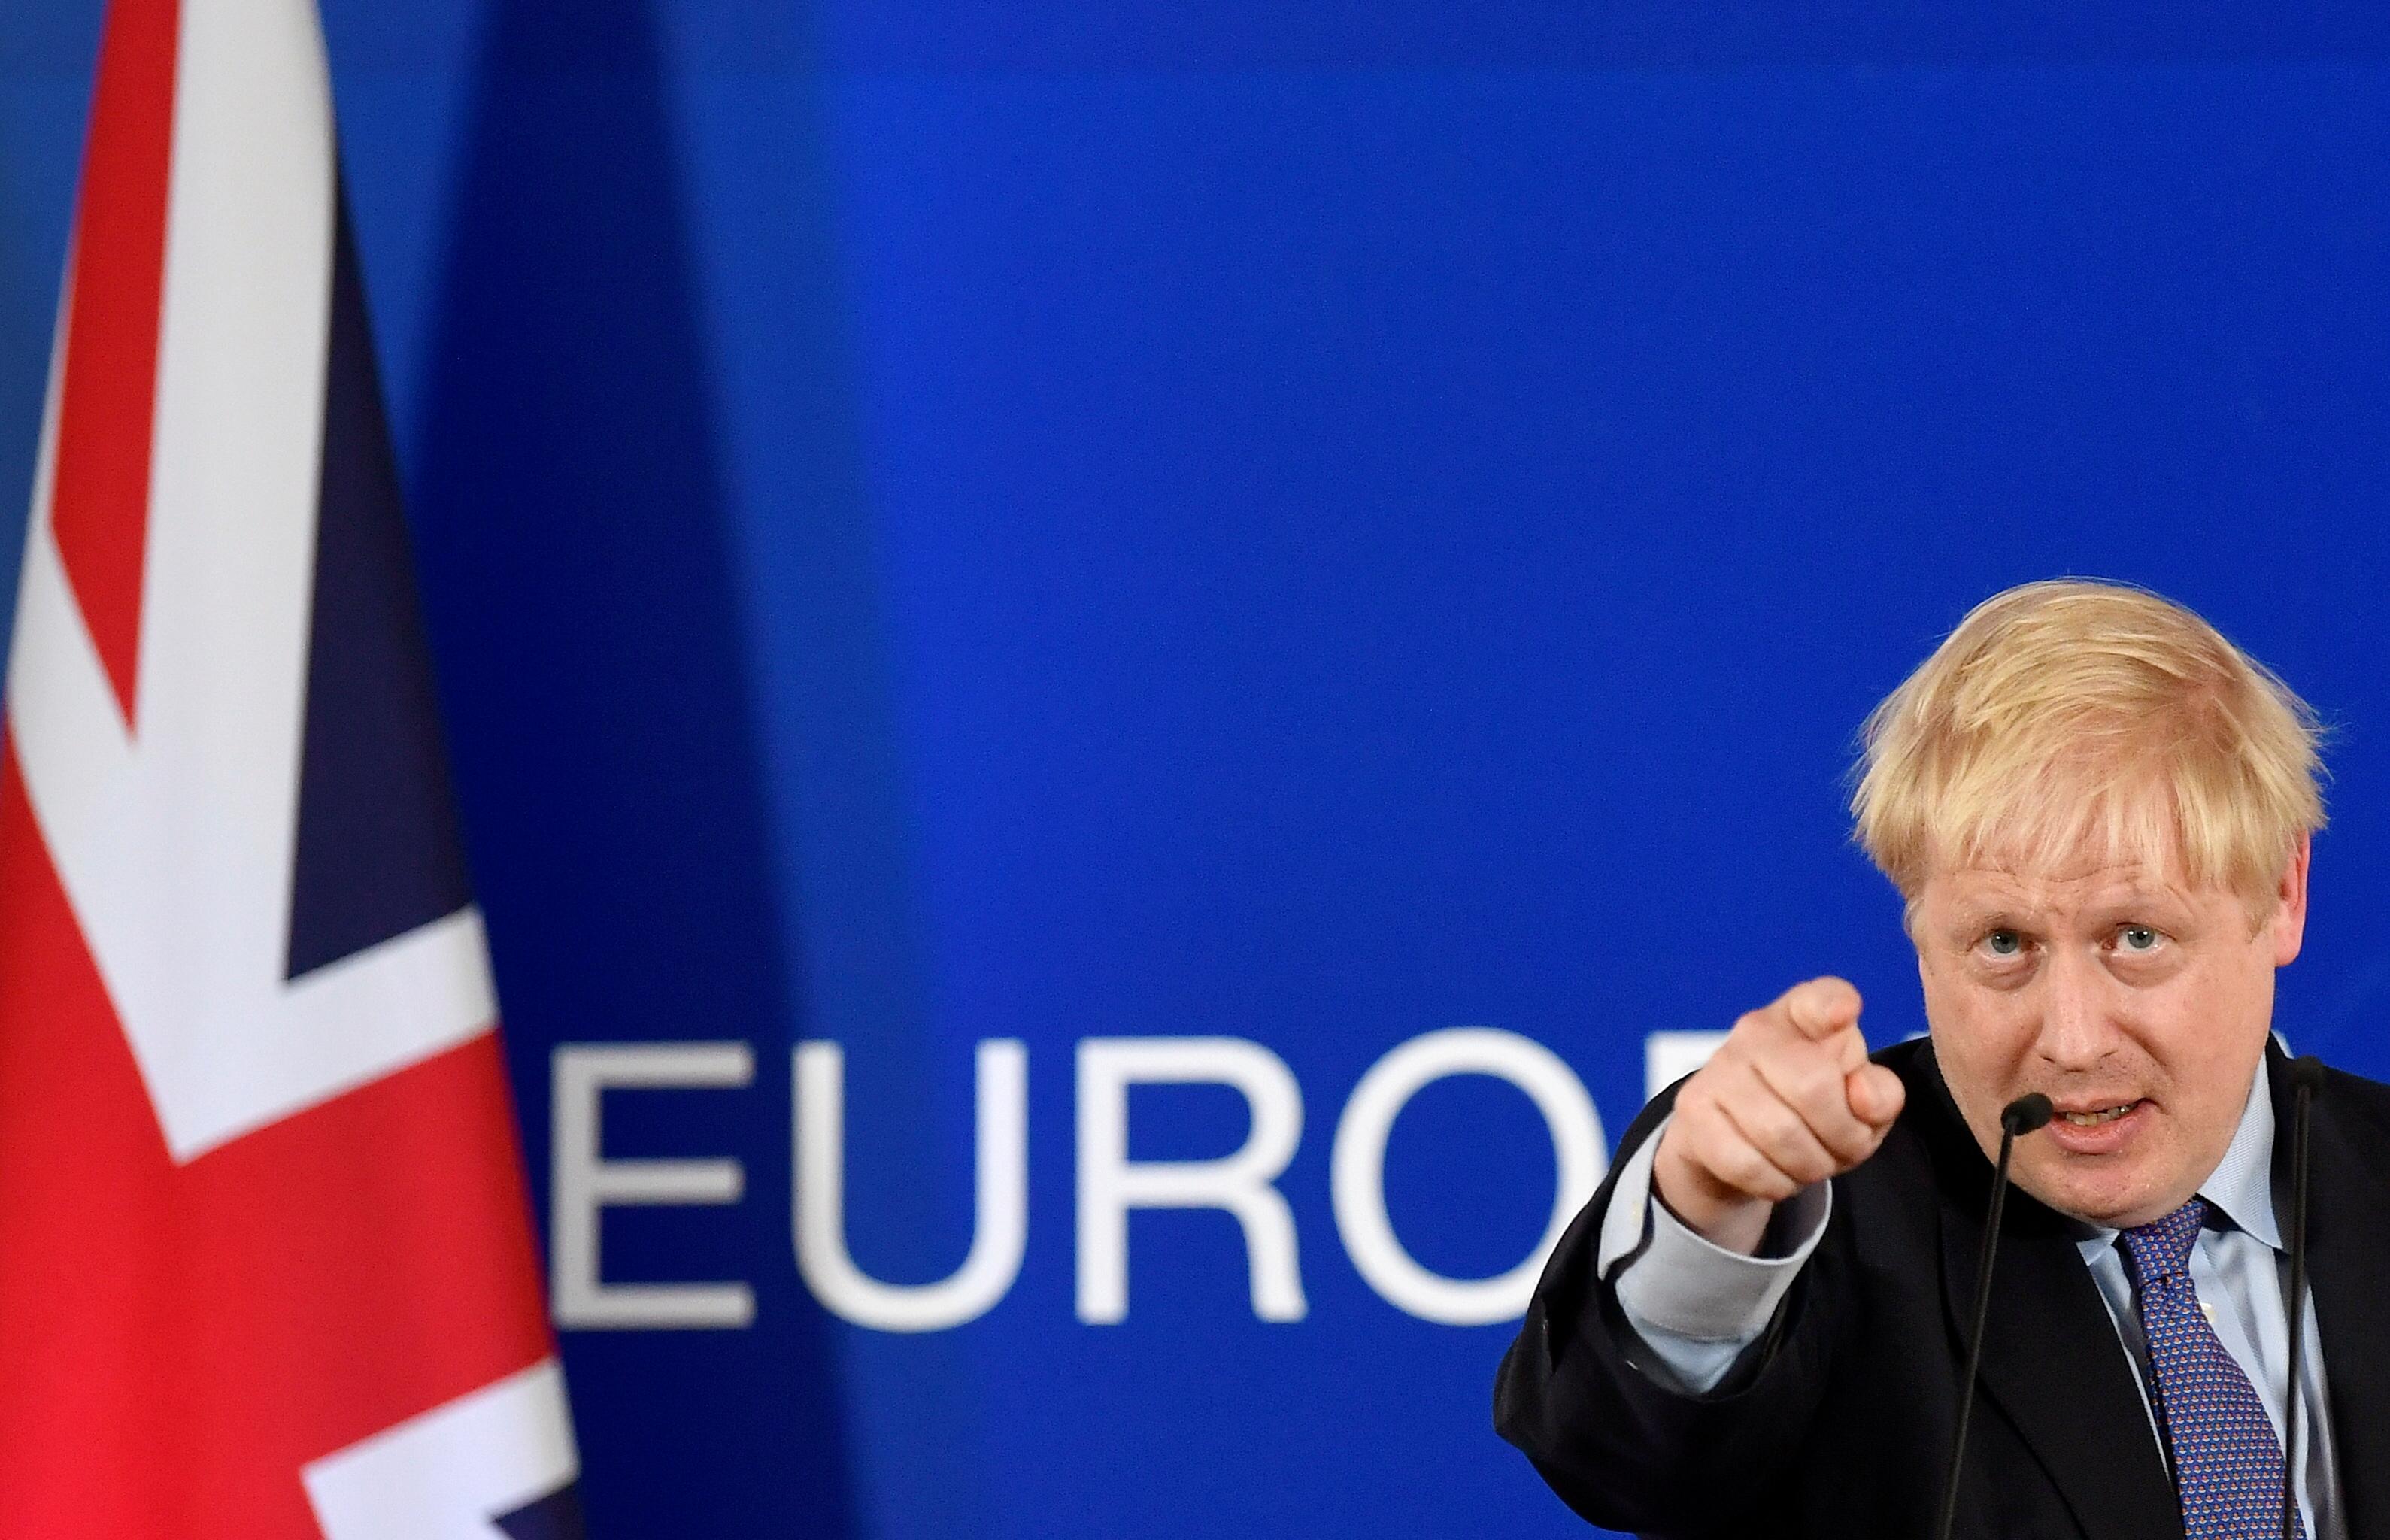 Royaume-Uni : après le Brexit, le gouvernement dessine une nouvelle politique migratoire